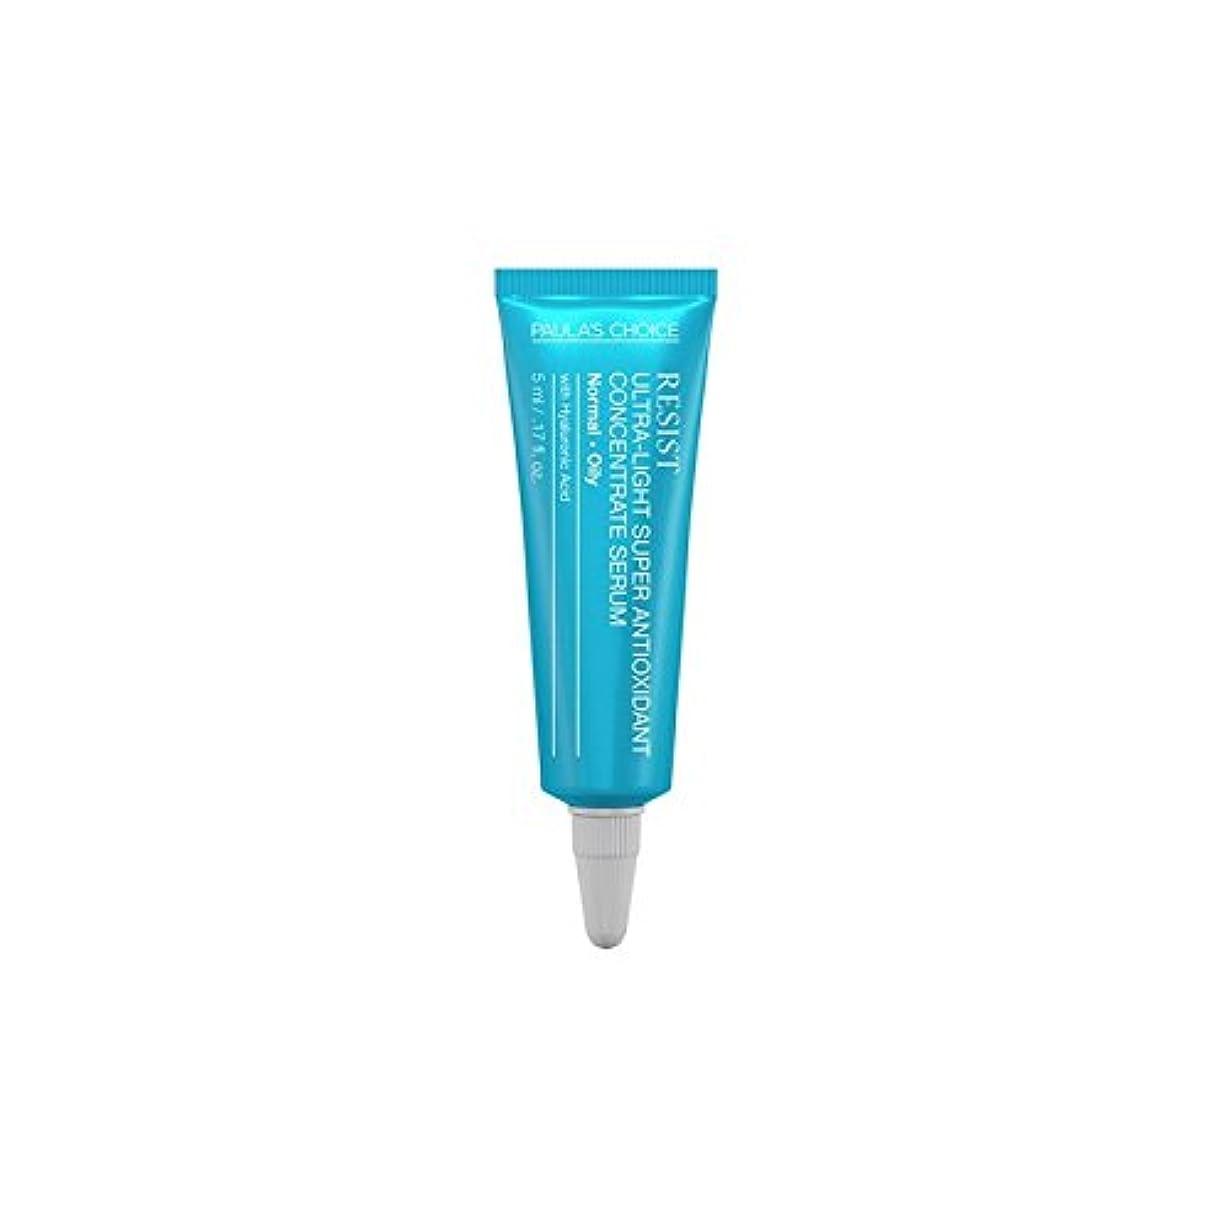 曲げる介入する締め切りPaula's Choice Resist Ultra-Light Super Antioxidant Concentrate Serum - Trial Size (5ml) (Pack of 6) - トライアルサイズ(5ミリリットル) - ポーラチョイスは、超軽量のスーパー抗酸化濃縮血清に抵抗します x6 [並行輸入品]